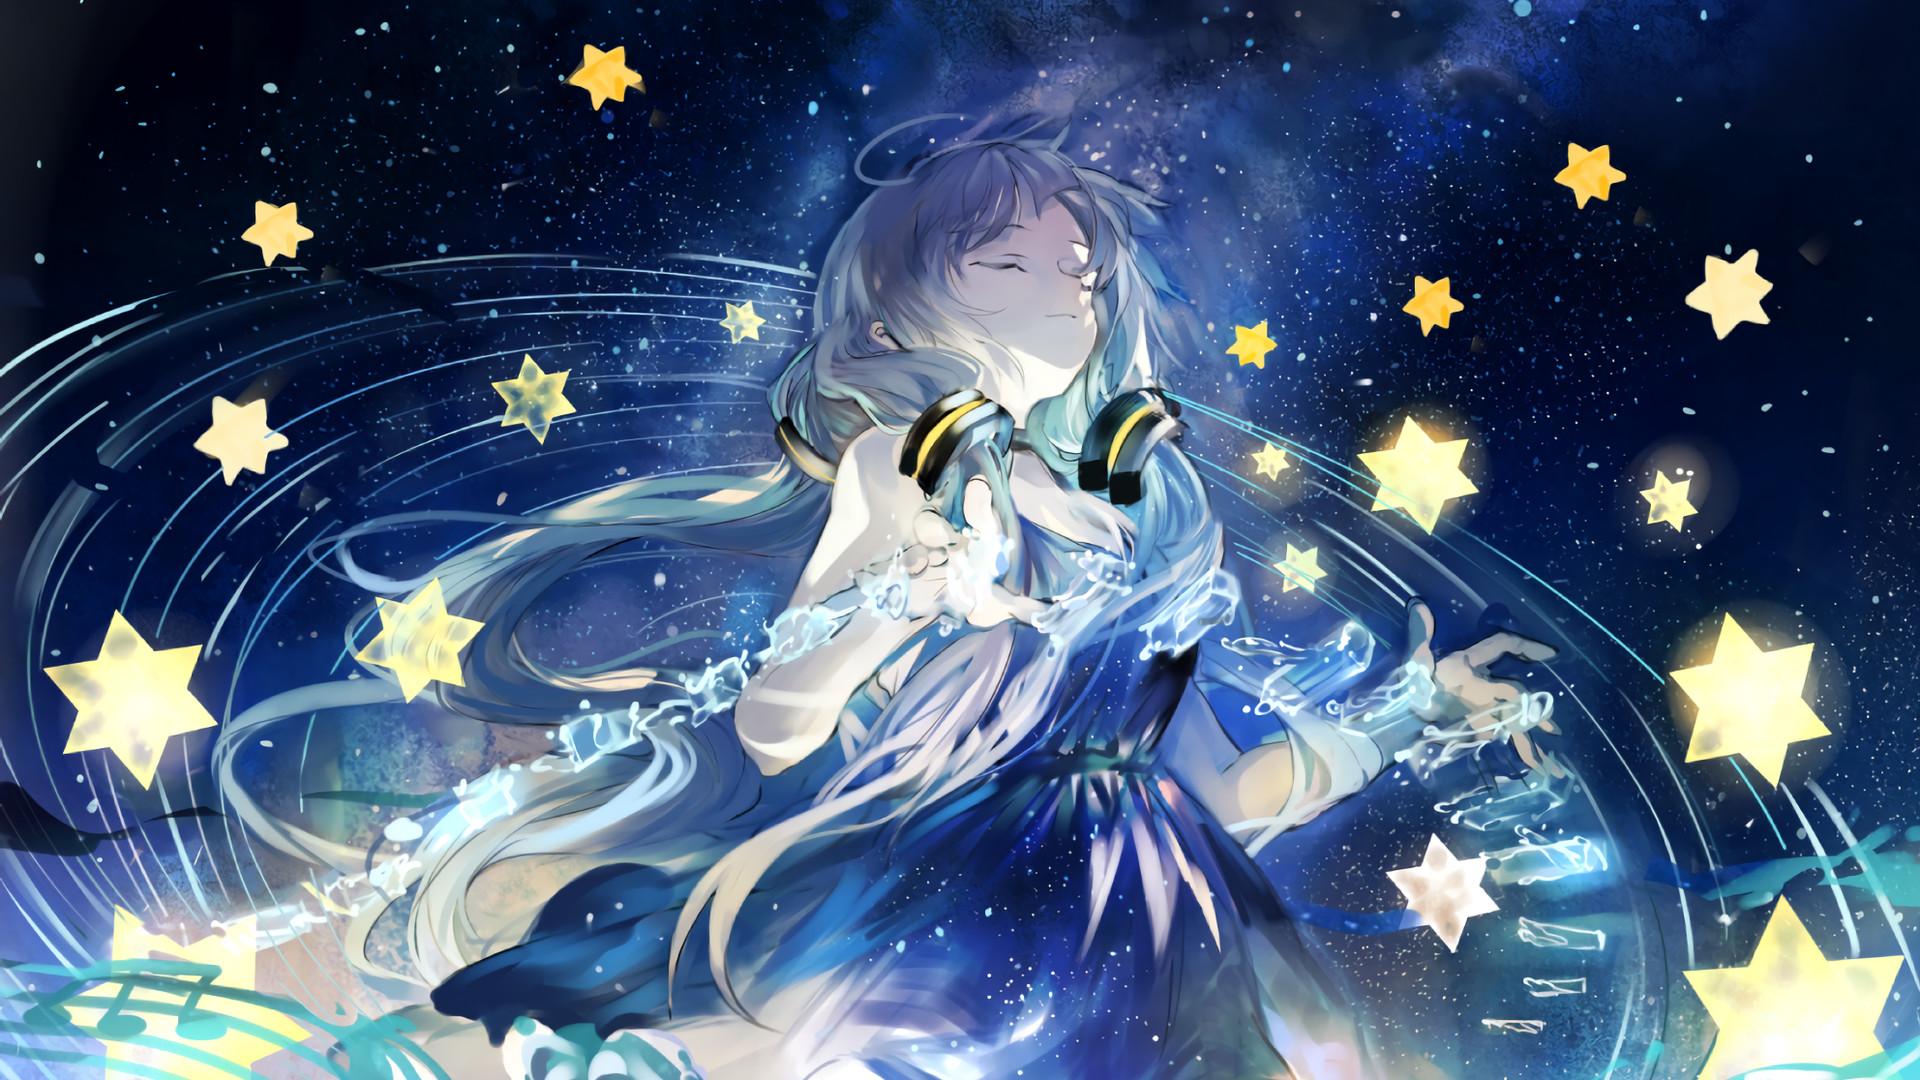 Stardust – vocaloid | Anime/Manga | Pinterest | Vocaloid, Wallpaper  backgrounds and Wallpaper